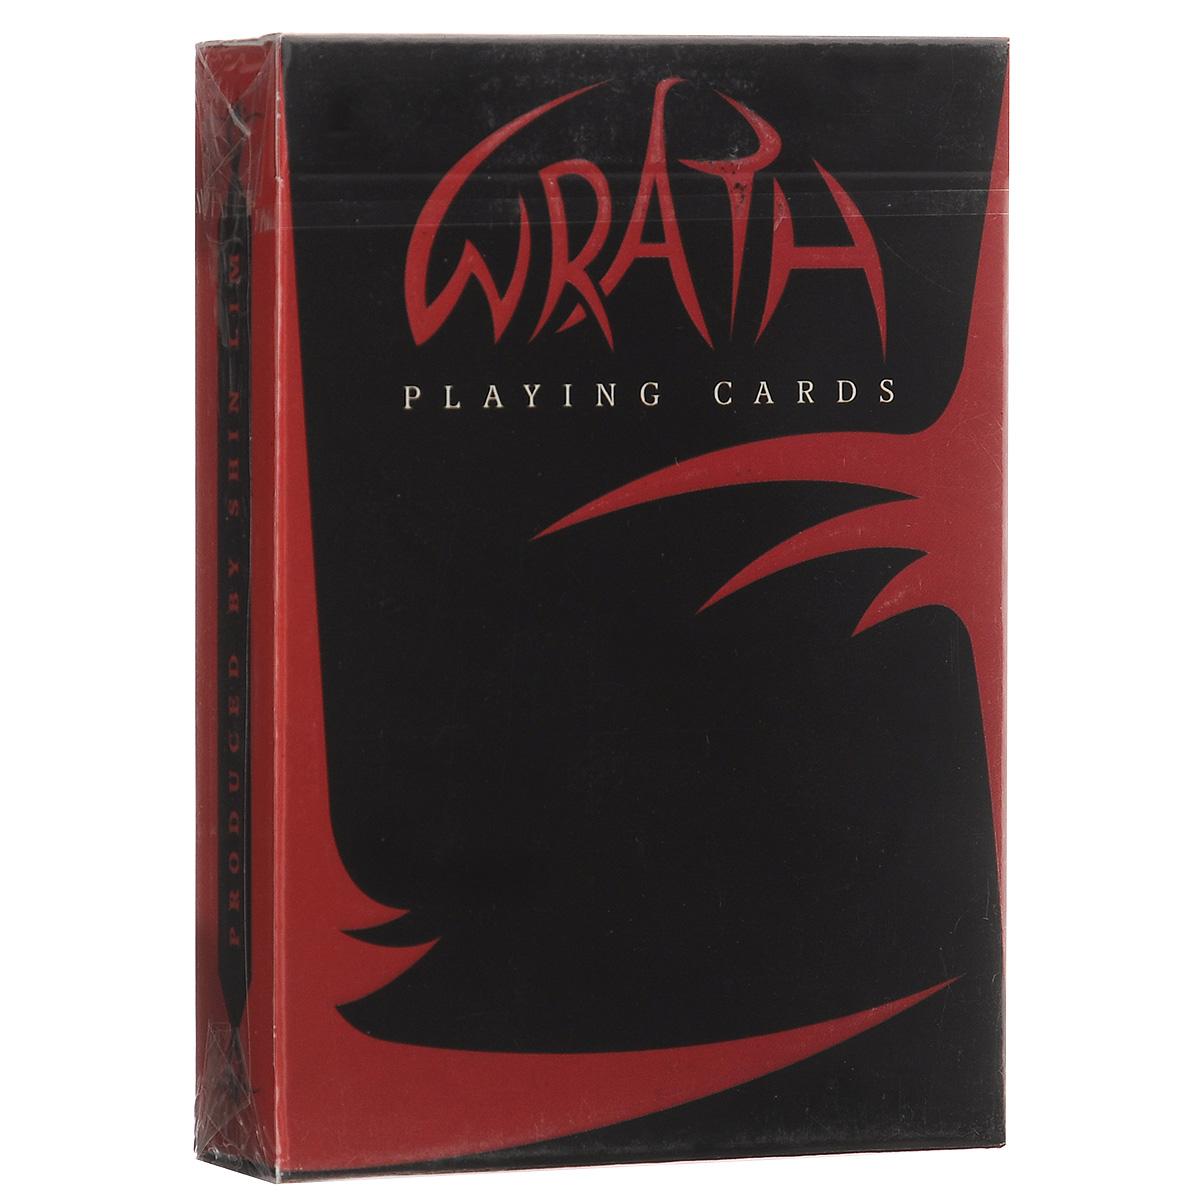 Игральные карты Shin Lim Колода гнева, цвет: черный, красныйК-268Кроме невероятного дизайна в колоде заключен и секрет, с помощью которого вы покорите зал. В колоде вы также найдете две специальные карты и два секретных трюка с предсказанием.